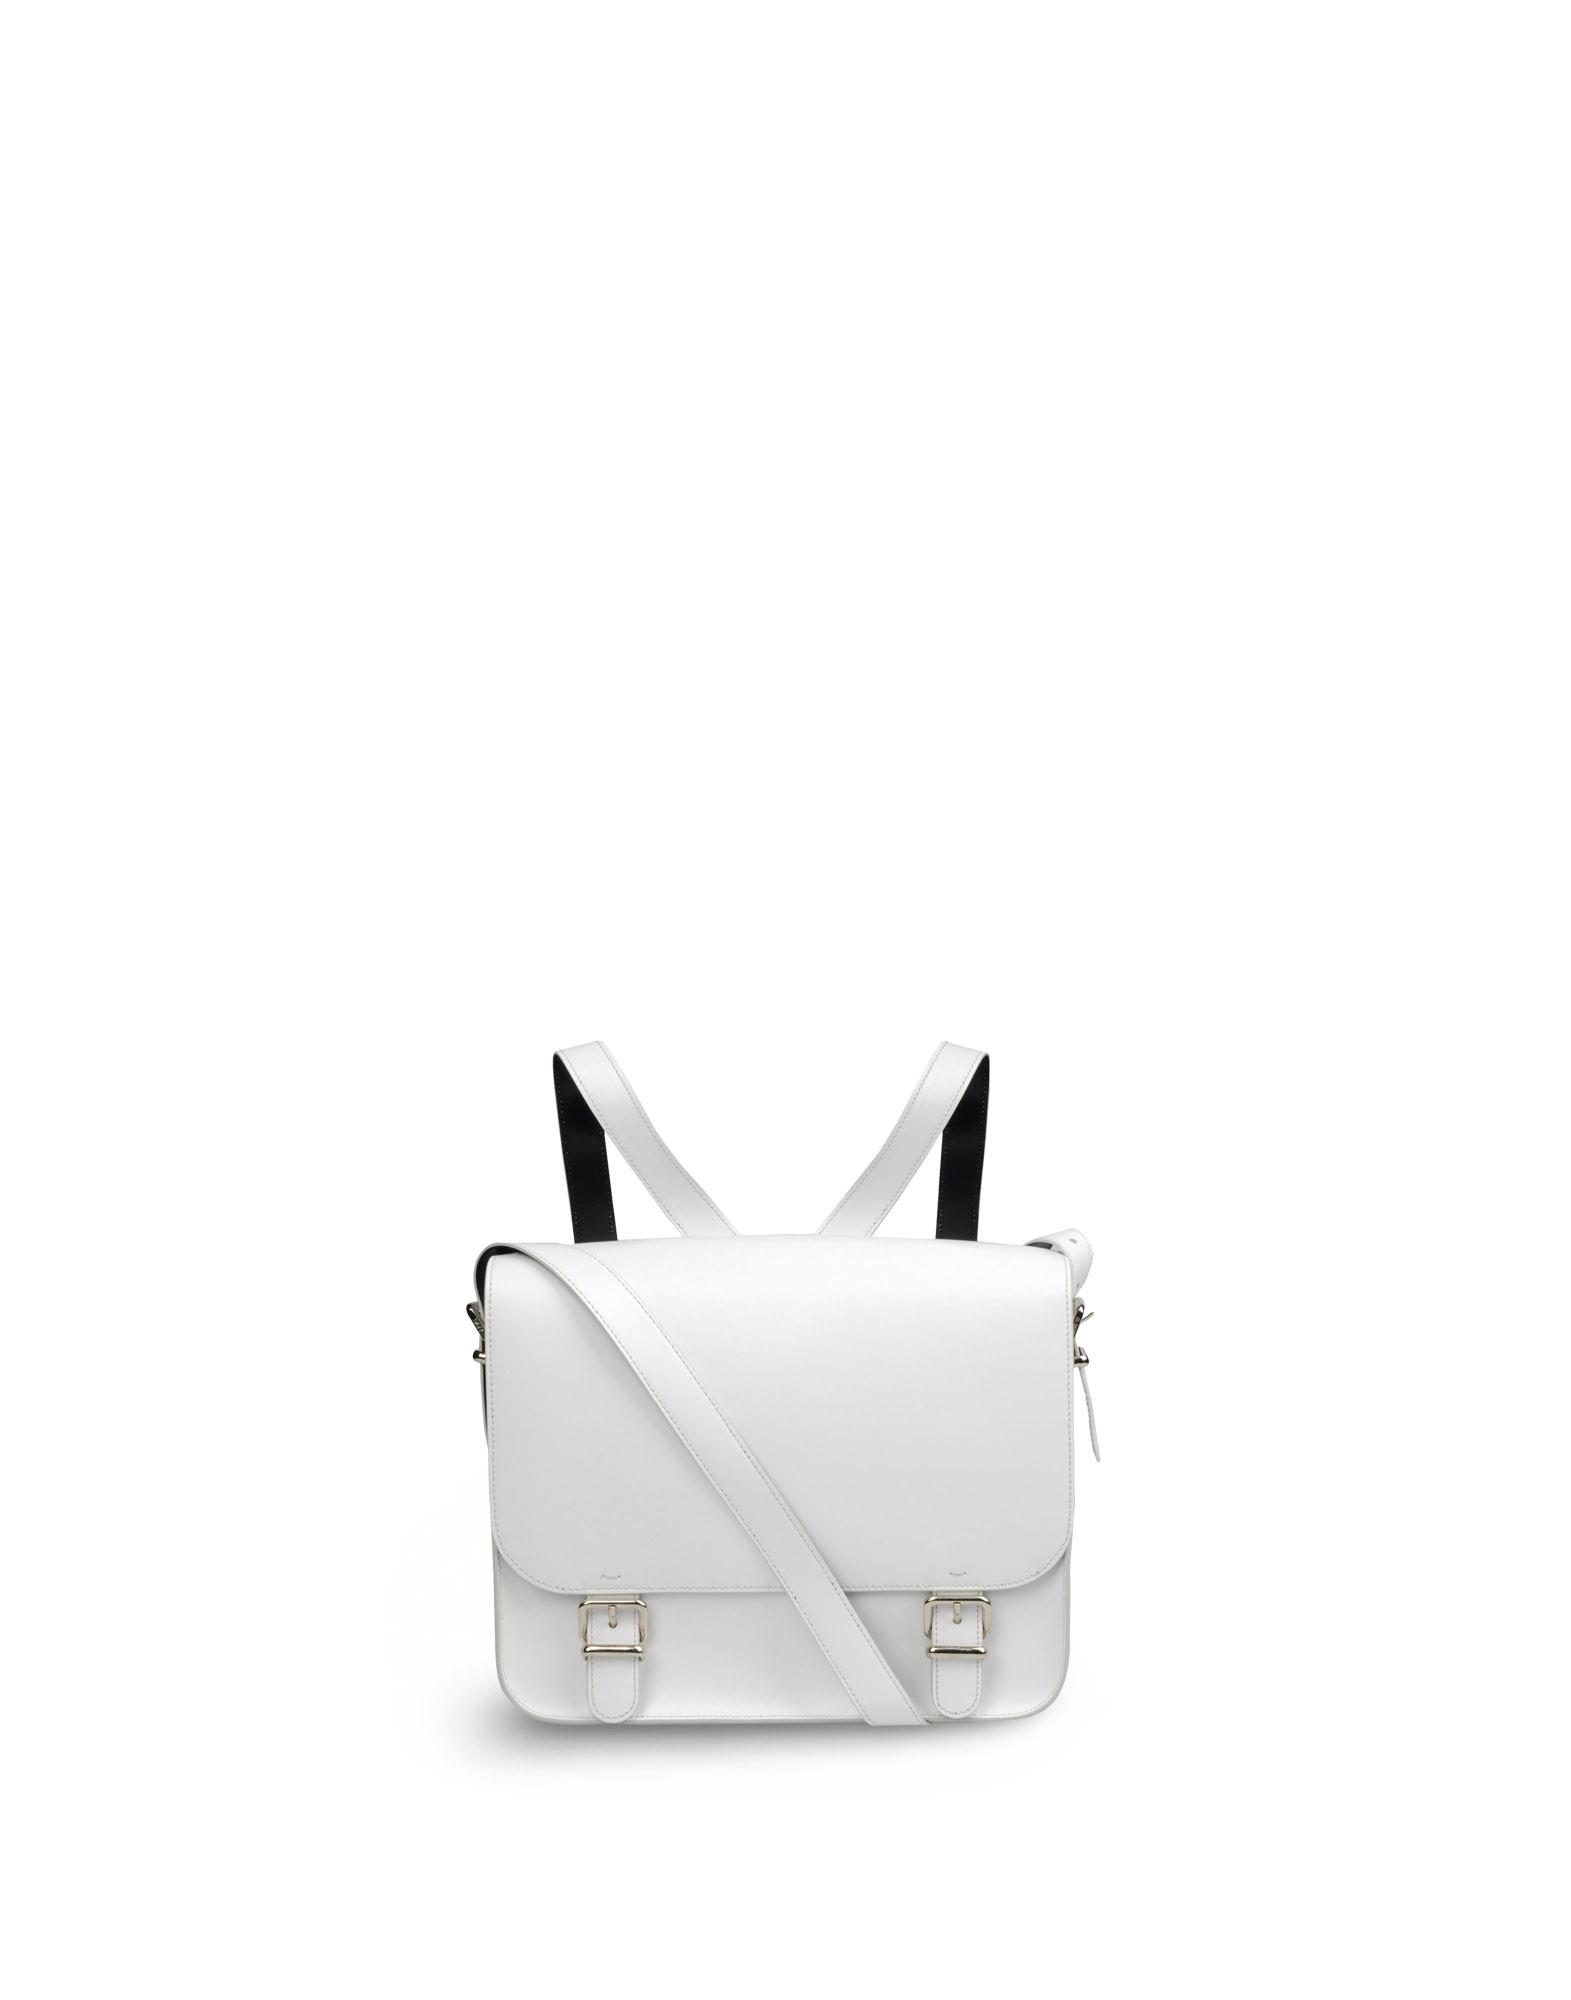 Tasche - JIL SANDER NAVY Online Store